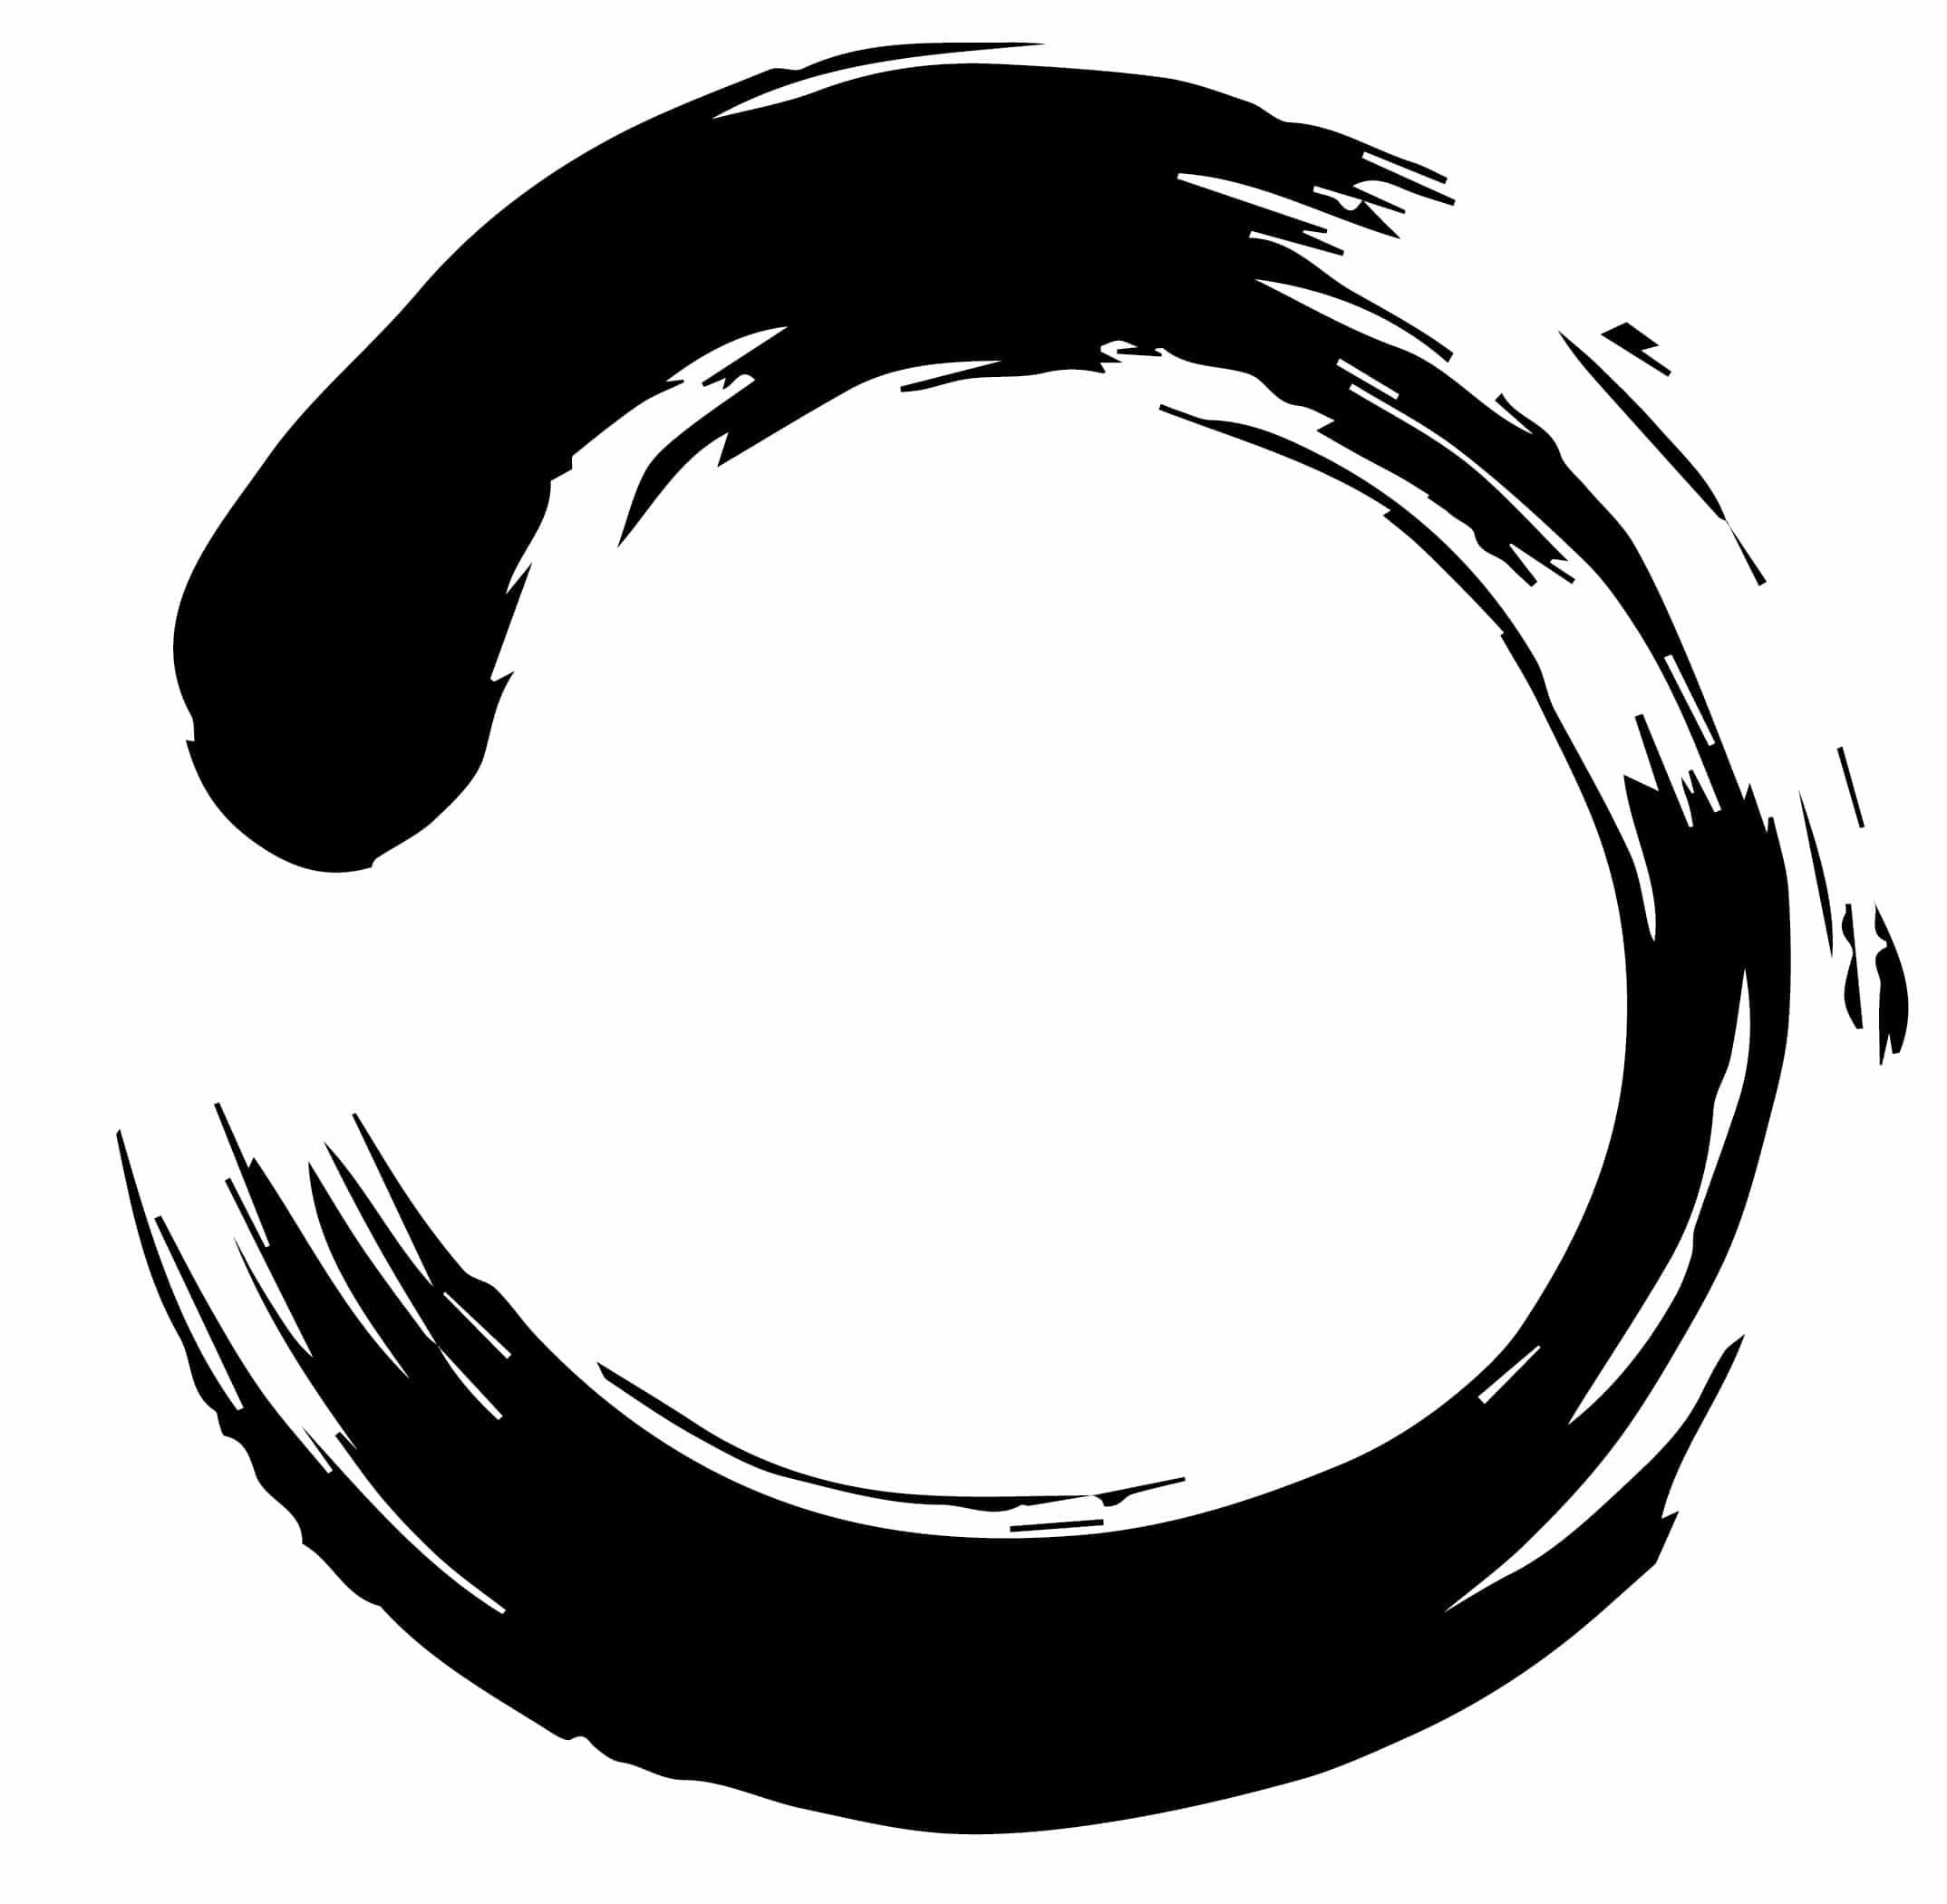 enso-en-el-budismo-zen